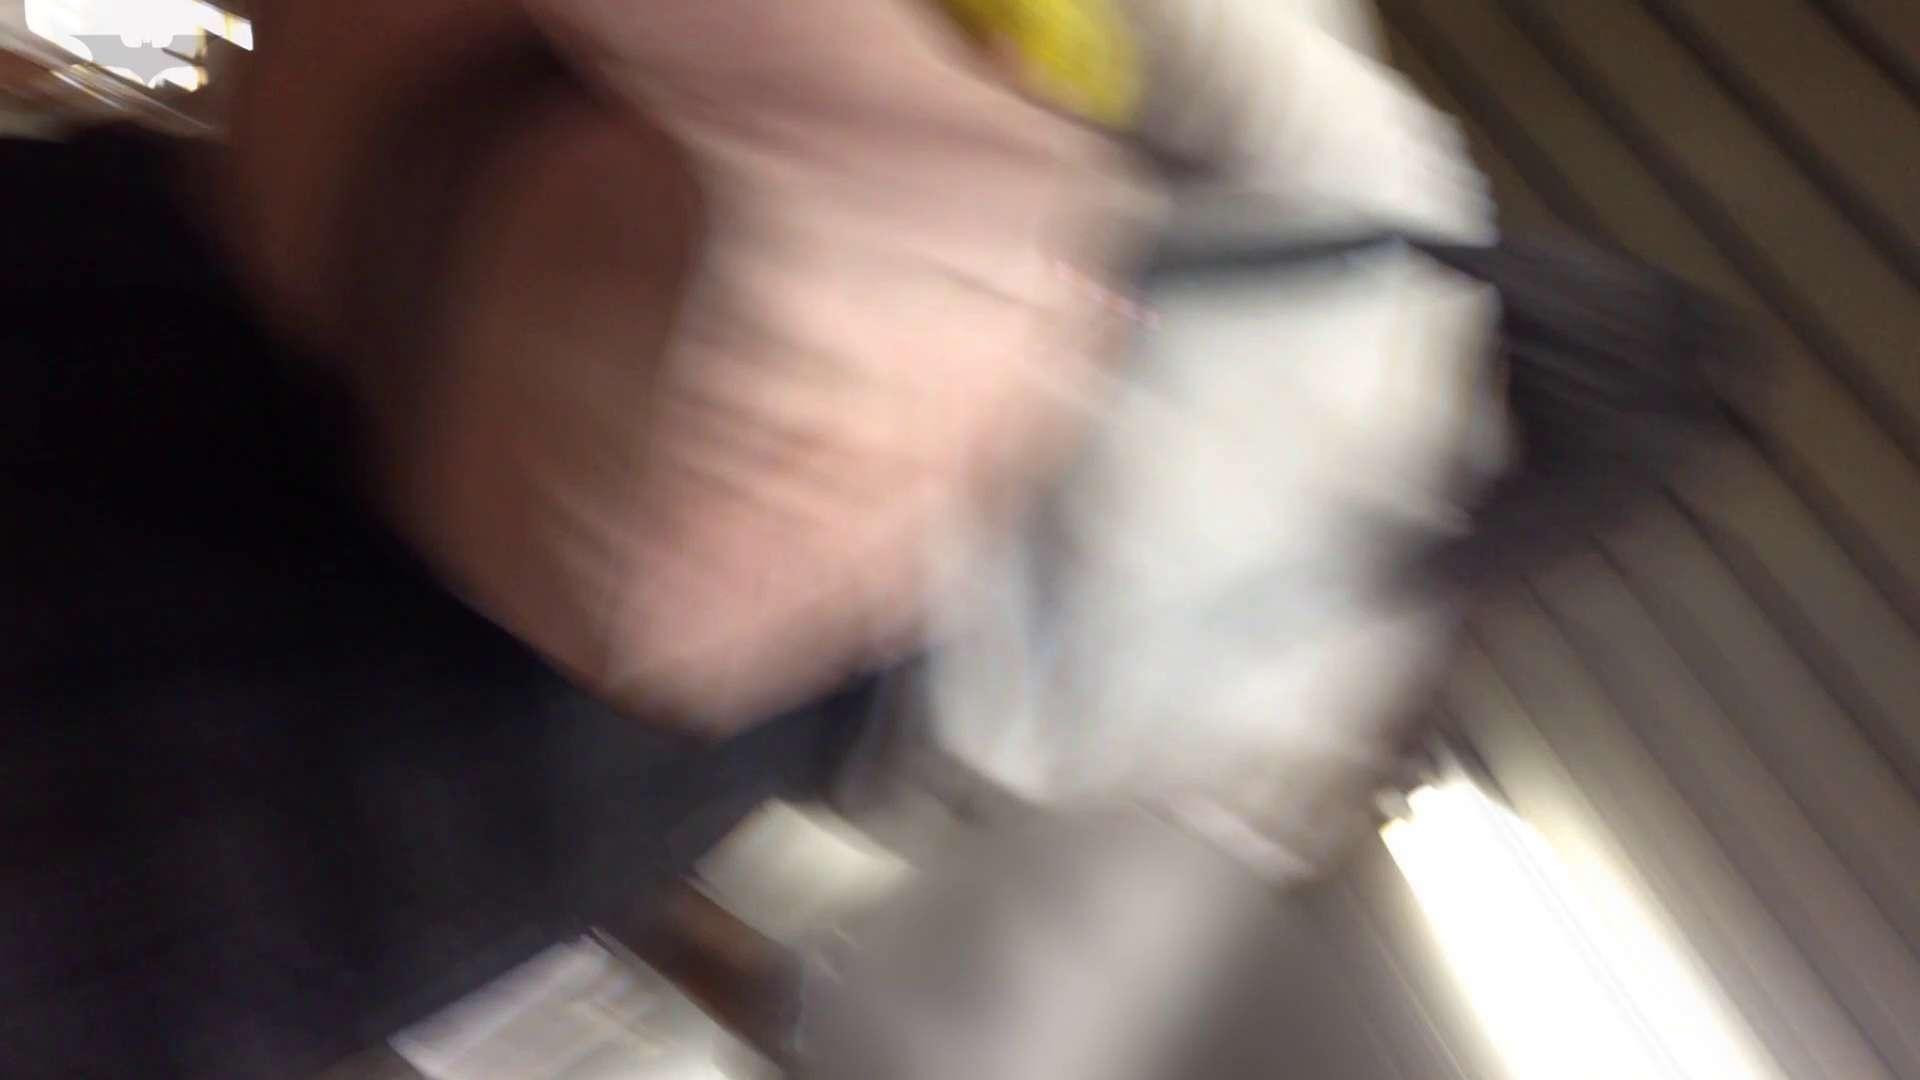 階段パンチラ Vol.07 パンチラ・ギャル ヌード画像 92画像 51